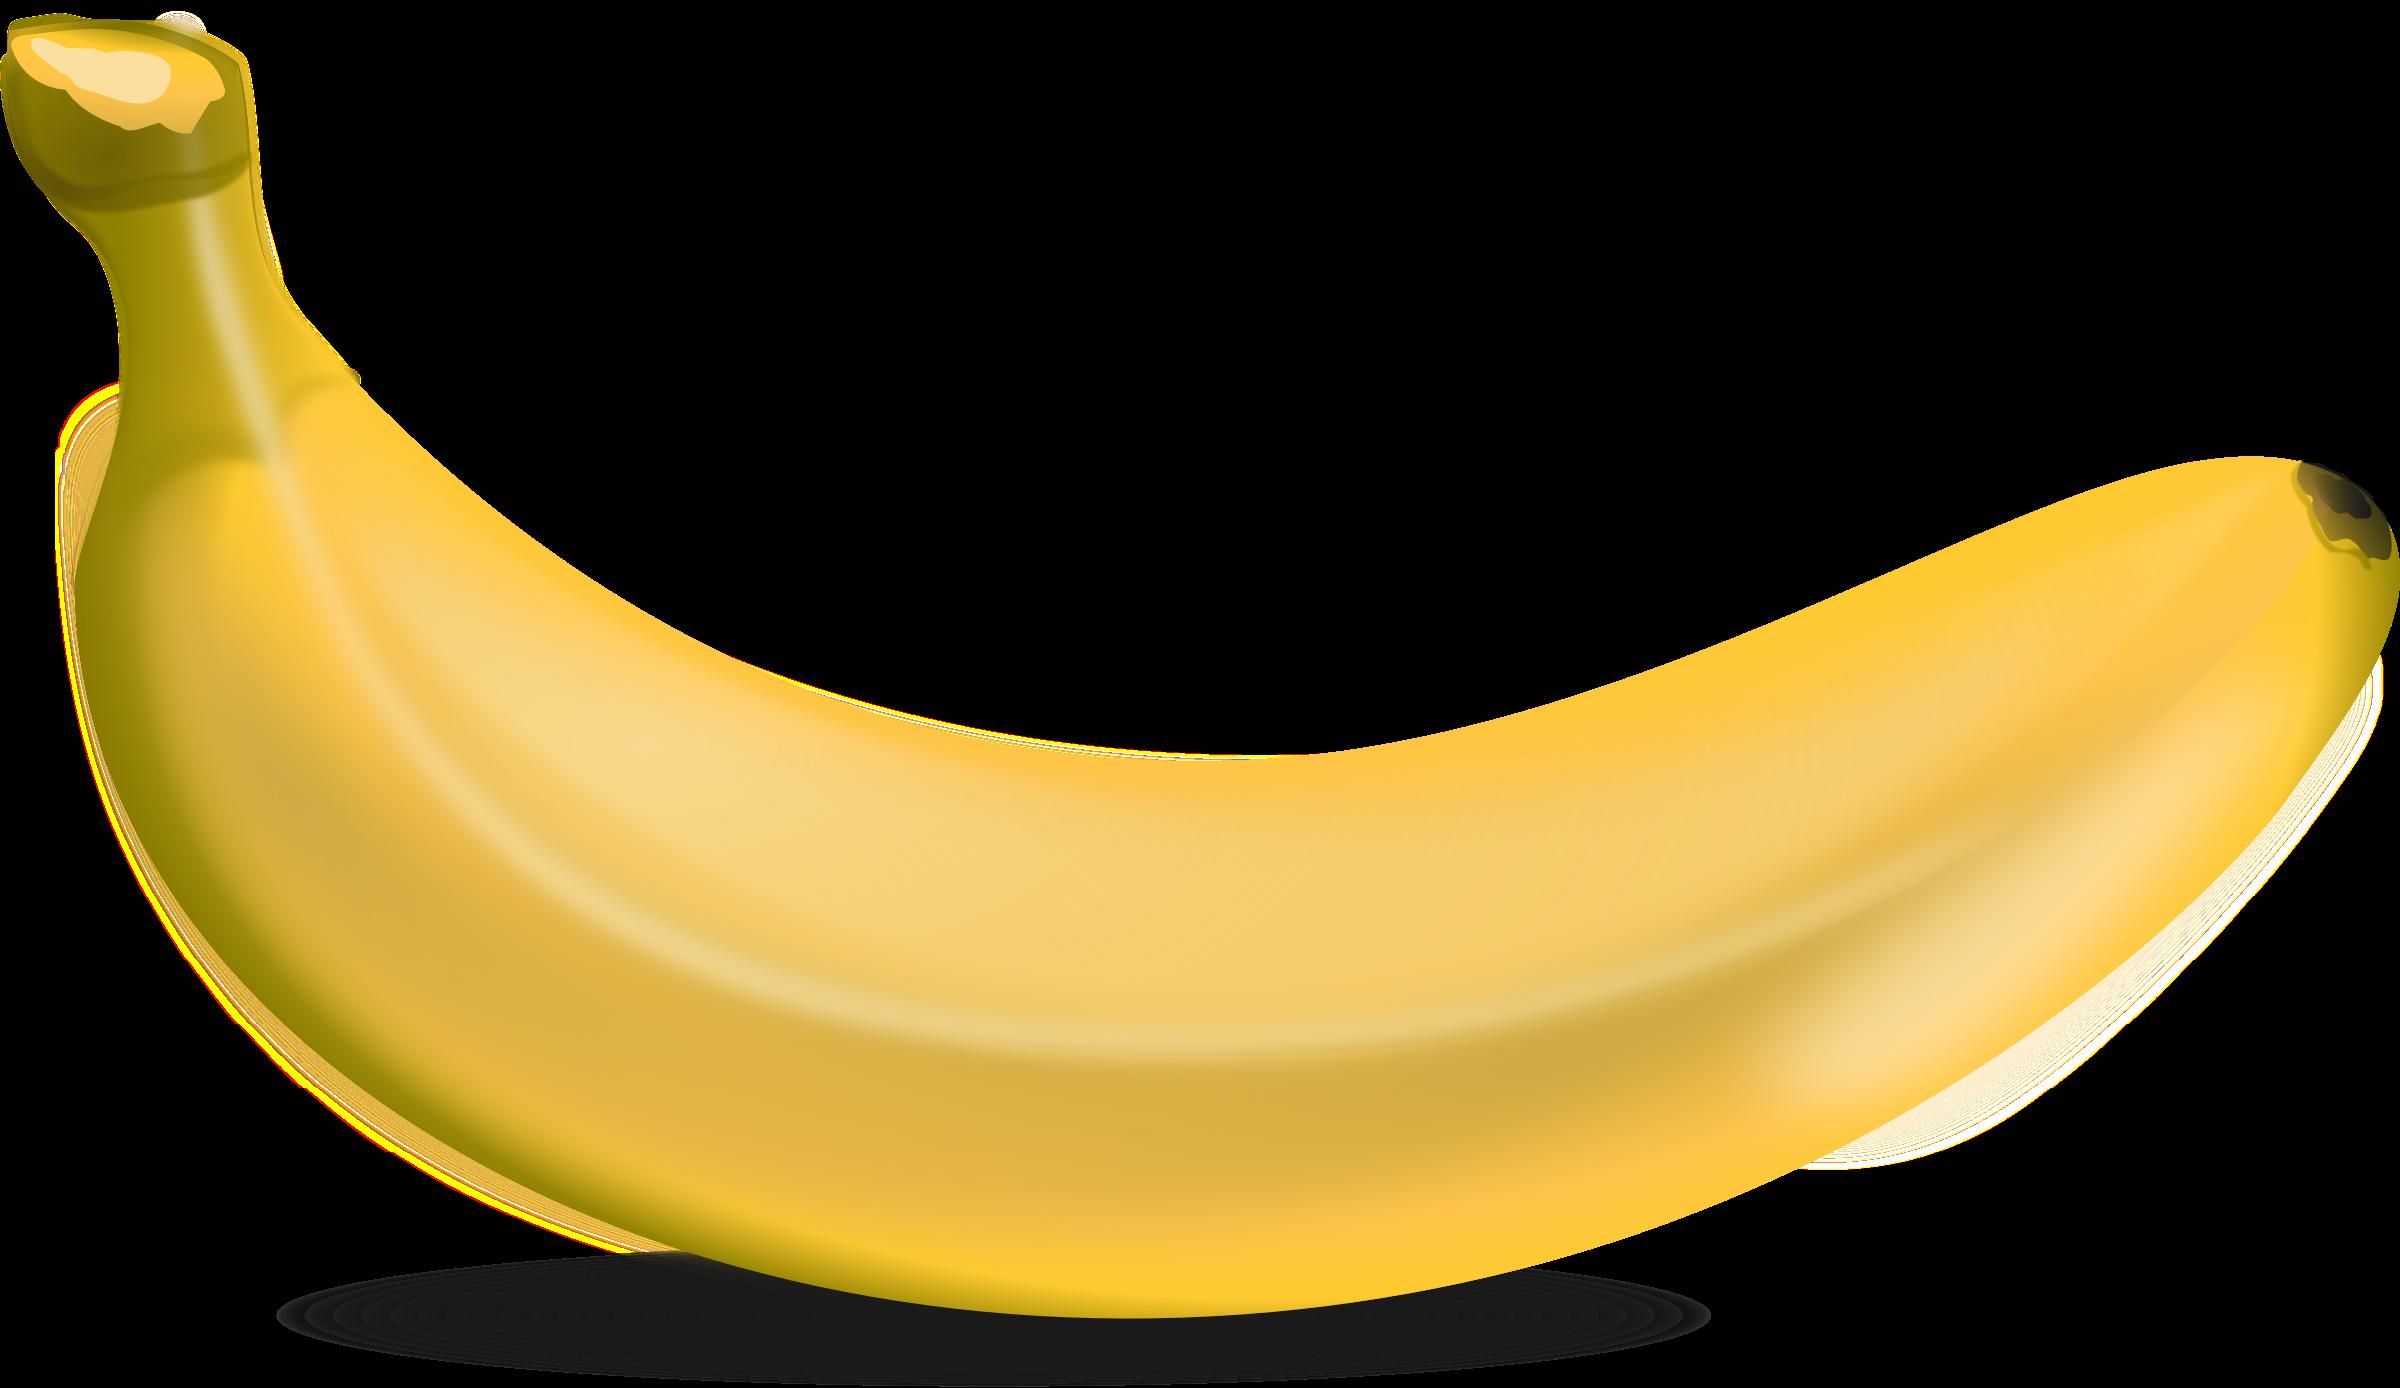 Banana Clip Art Free PNG - Banana PNG